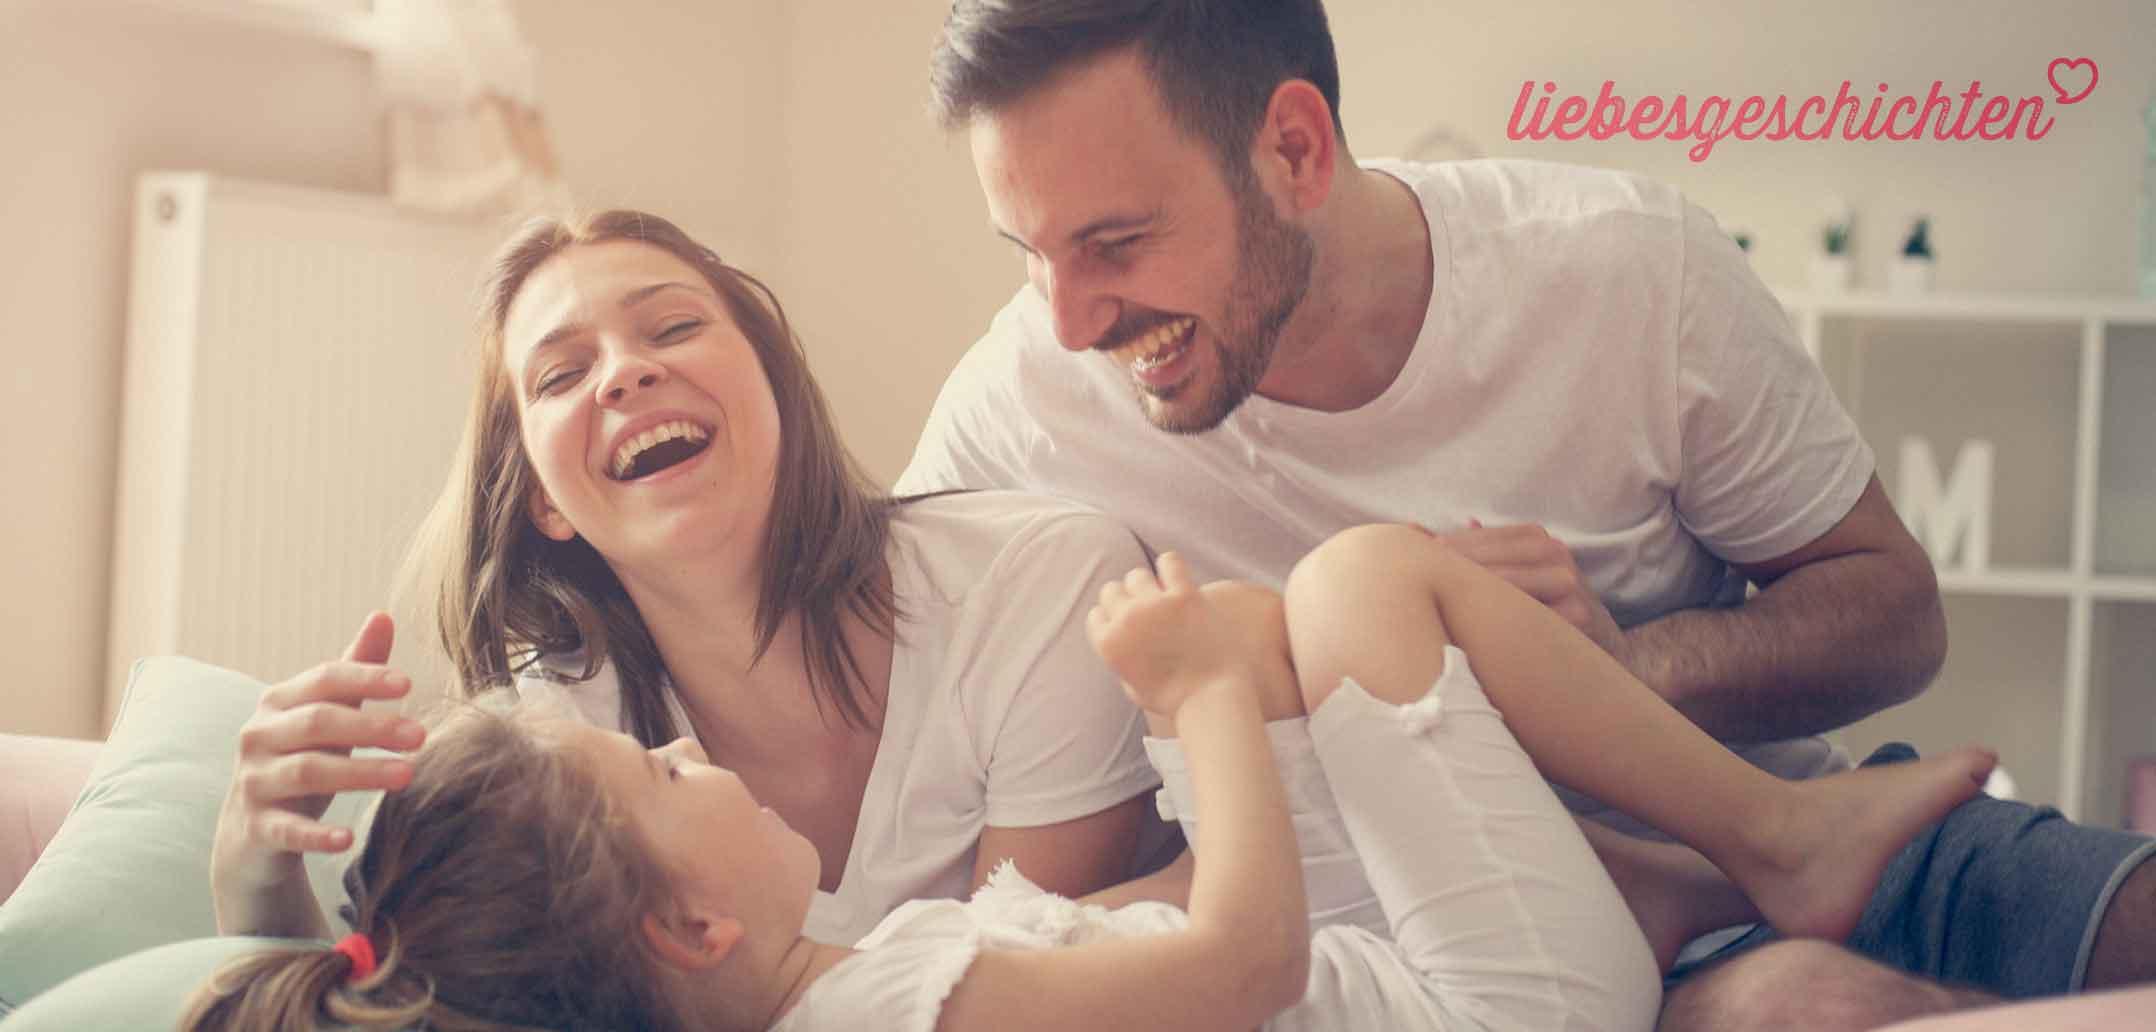 Er füllt die Vaterrolle aus und ist ein liebevoller Partner